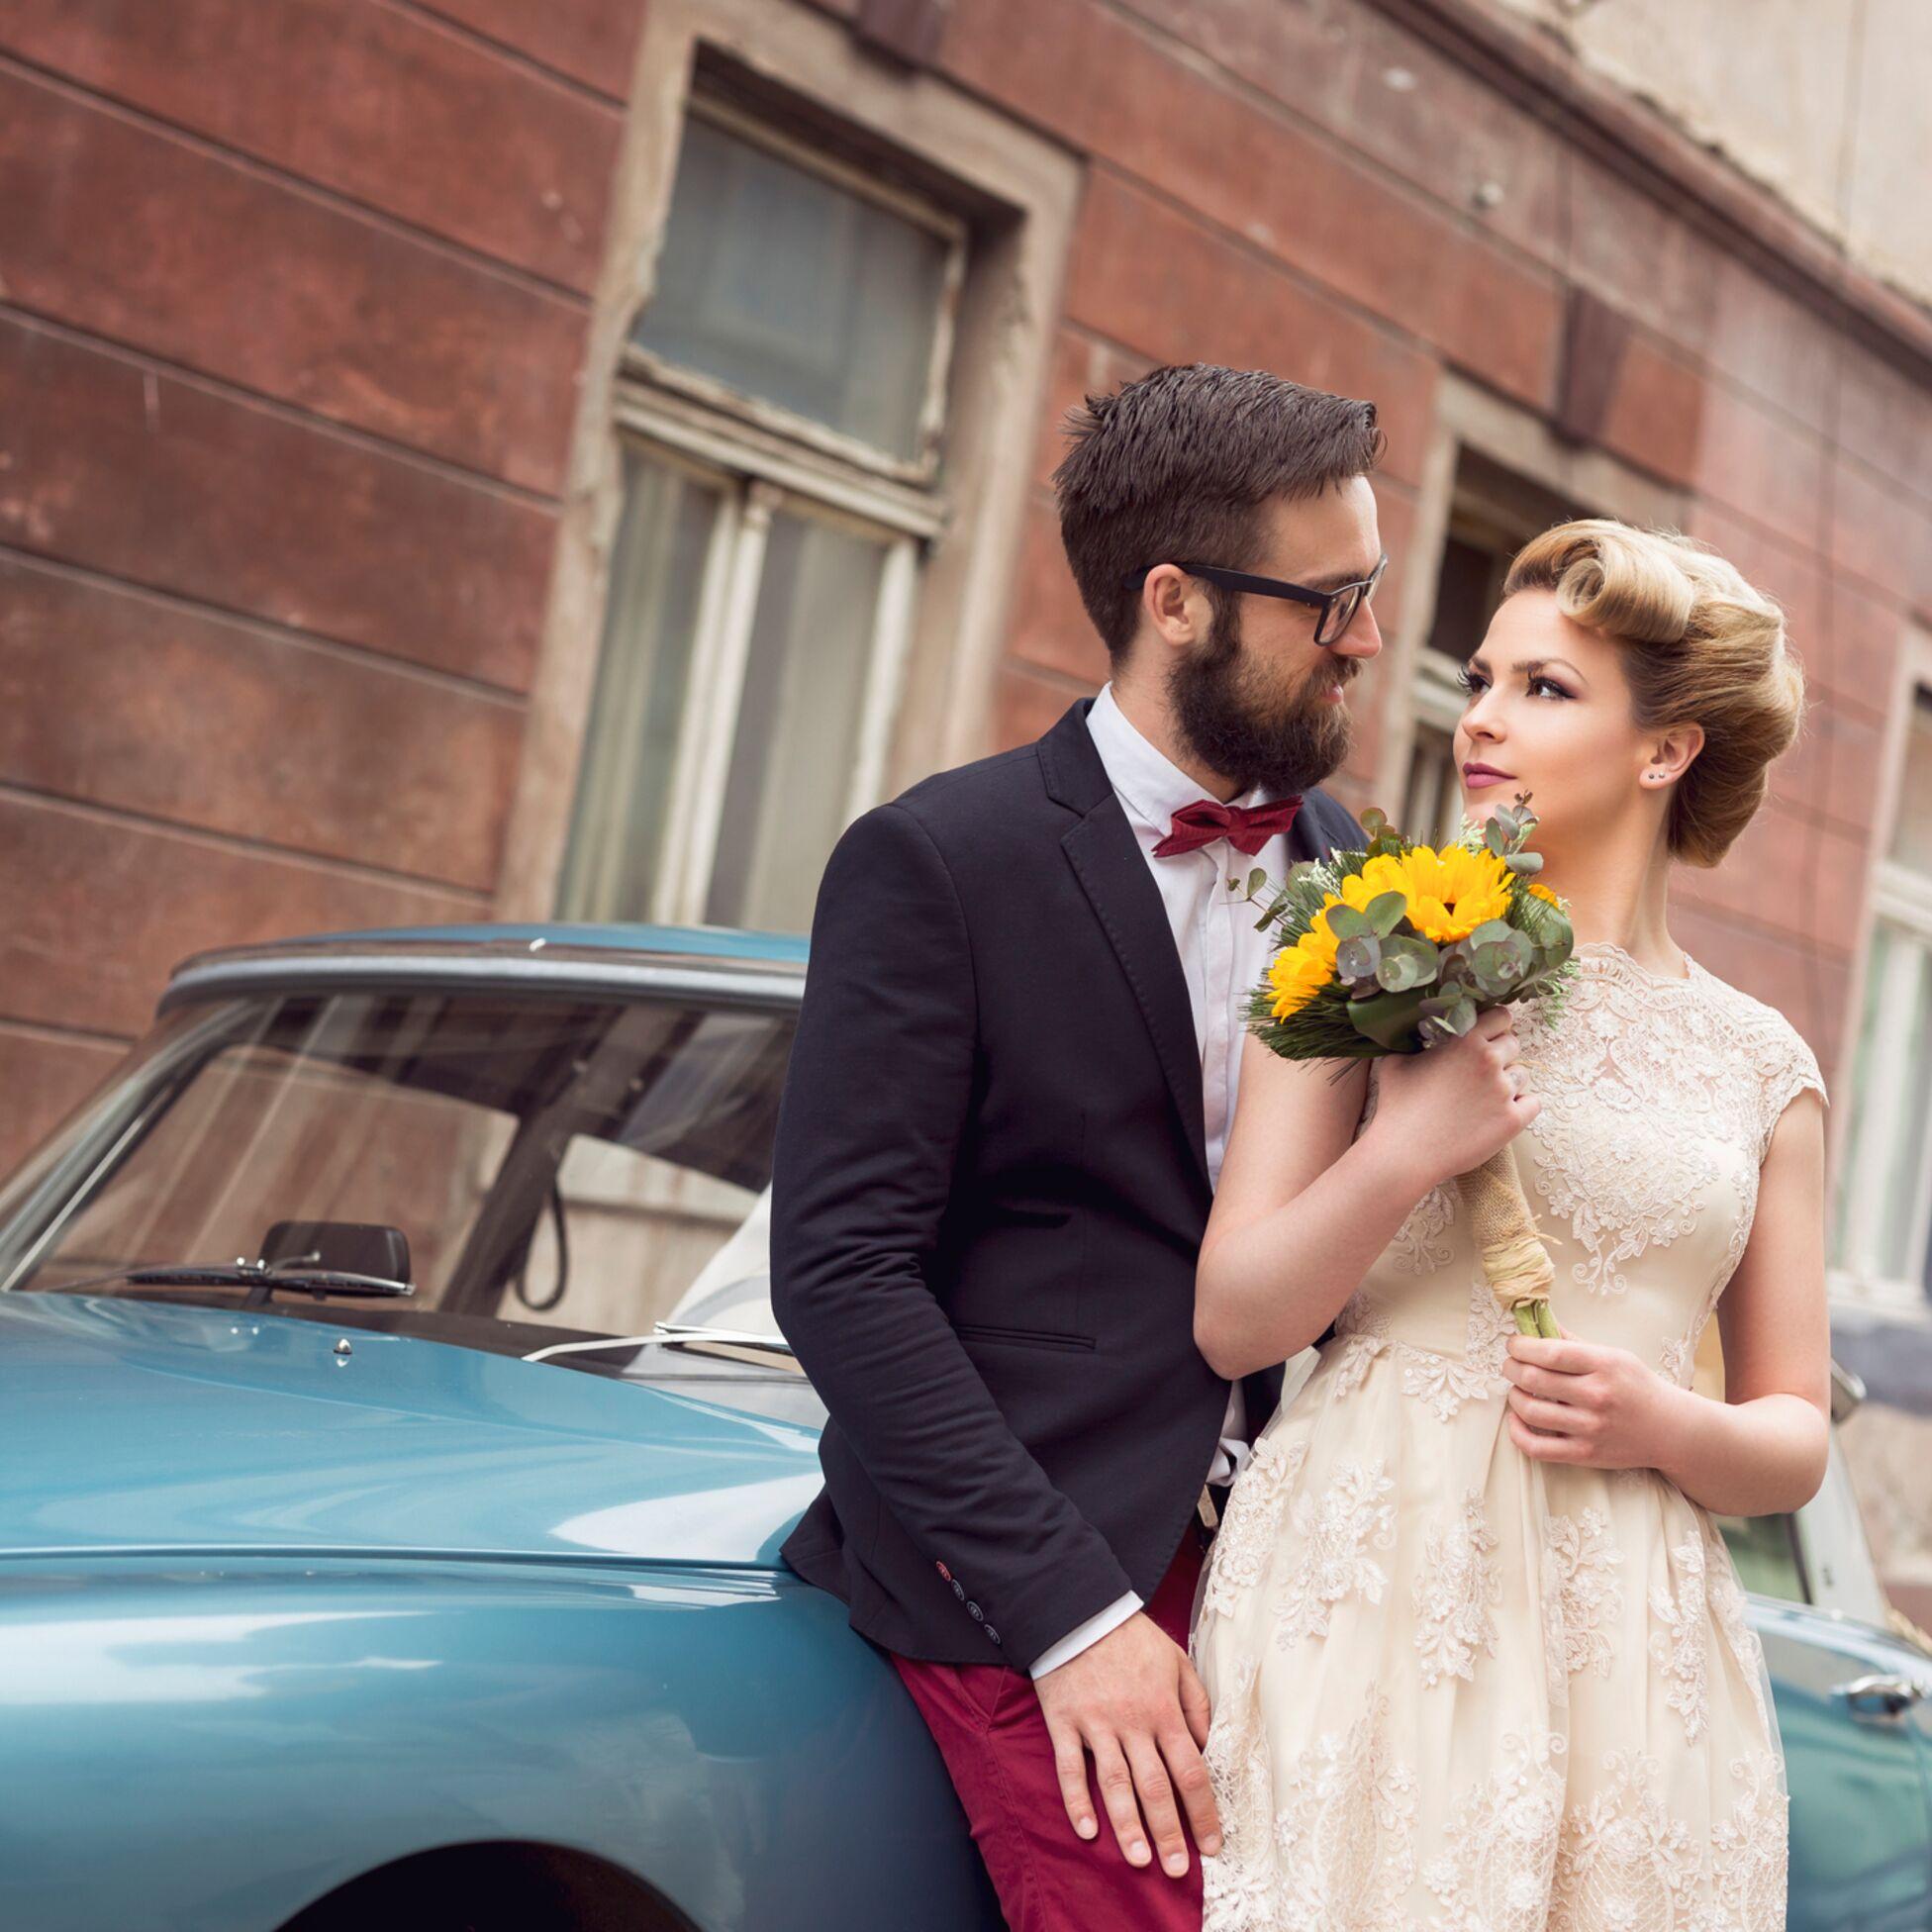 Hochzeitspaar steht vor Auto.